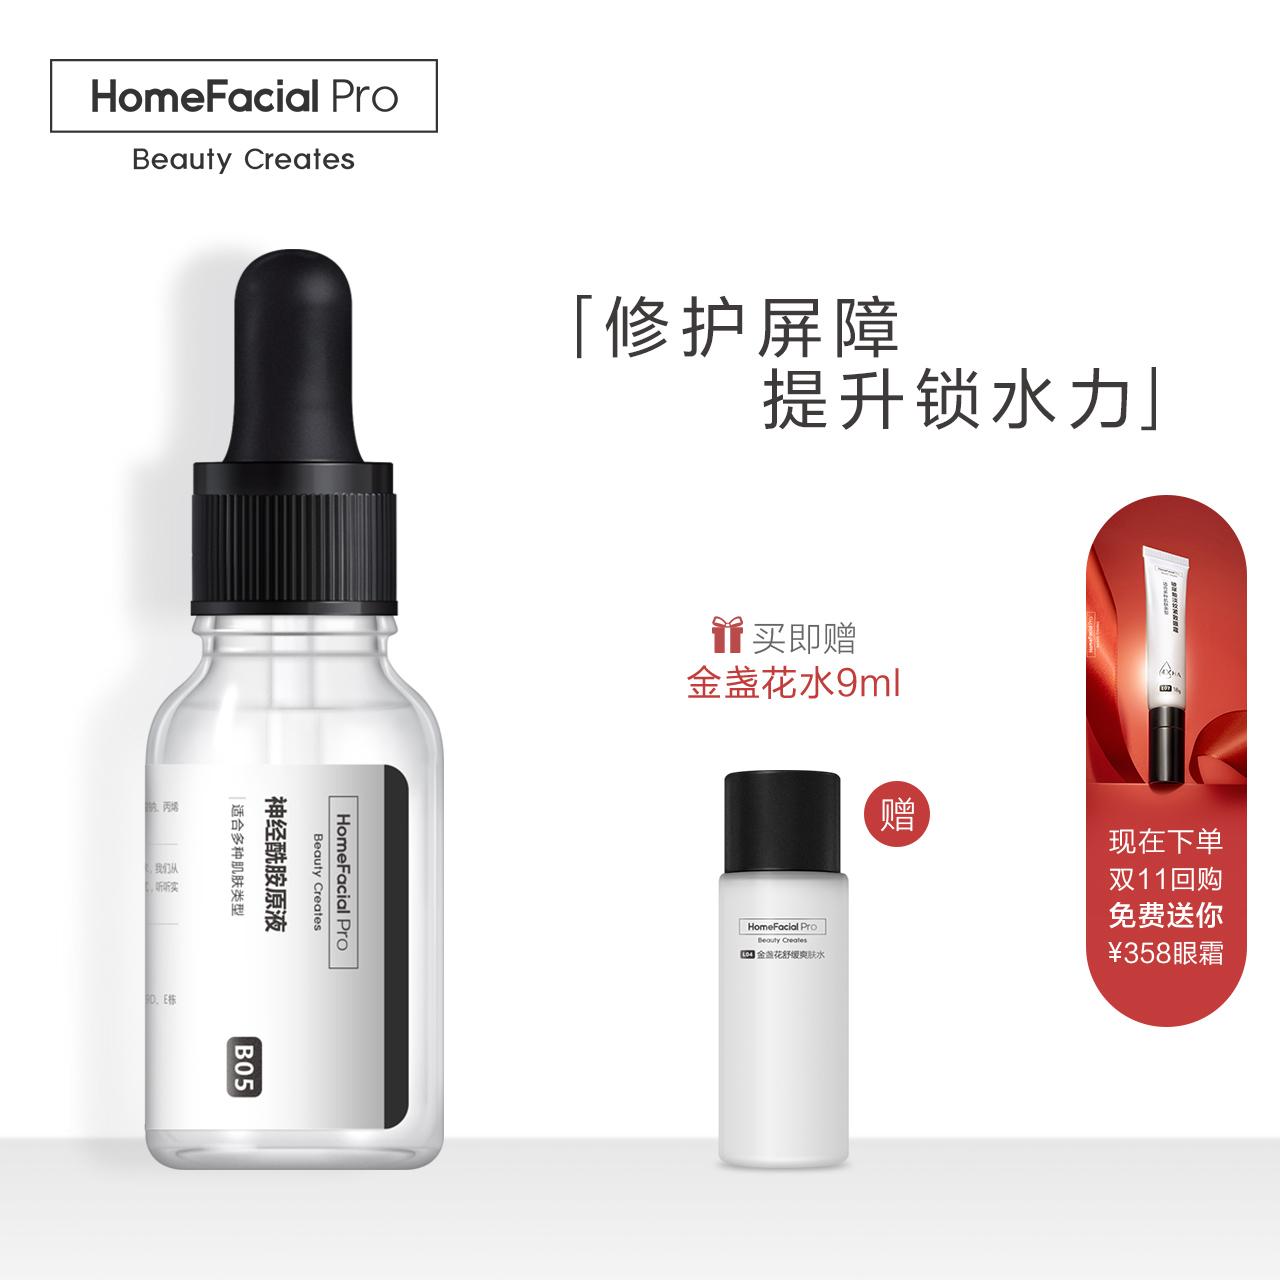 【王一博同款】hfp神经酰胺精华液(非品牌)